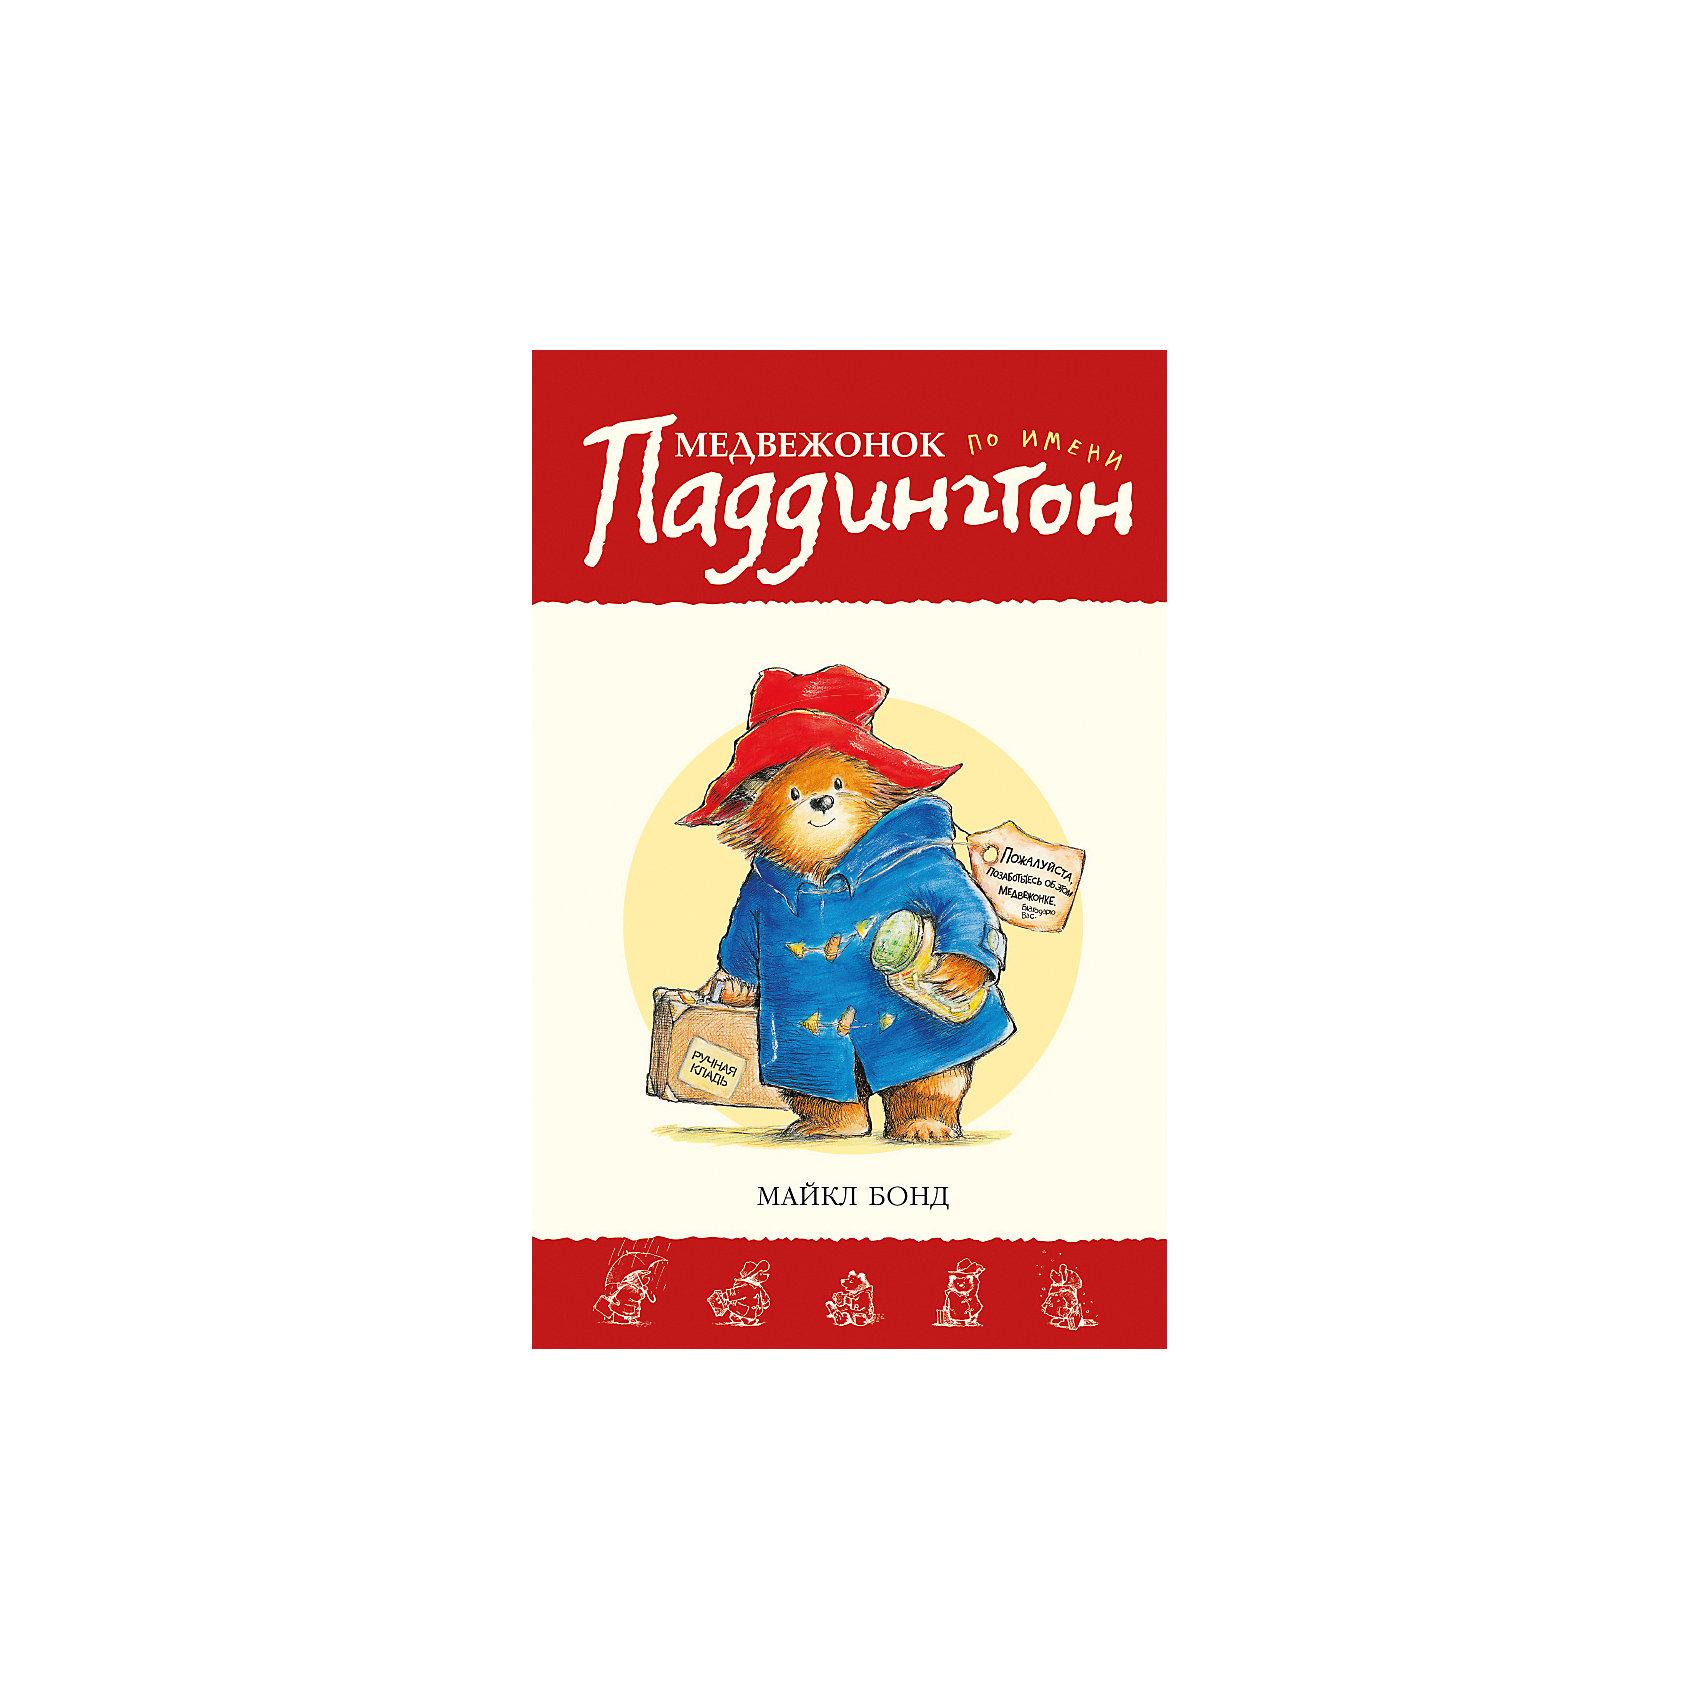 Медвежонок по имени Паддингтон, Майкл БондМедвежонок по имени Паддингтон, Махаон – эта книга о доверчивом и милом медвежонке, классика английской детской литературы.<br>Был канун Рождества 1956 года. Не очень известный писатель по имени Майкл Бонд в большом лондонском магазине наткнулся на никому не нужного игрушечного медвежонка. Бонд купил мишку и назвал Паддингтоном — в честь близлежащего вокзала. А потом появилось несколько рассказов о приключениях забавного медведя, прибывшего из Дремучего Перу прямиком на Паддингтонский вокзал. Так возник новый литературный символ Англии — книги о нём переведены на сорок языков, ему стоит памятник на том самом вокзале, а туристы бойко раскупают игрушечных медвежат в синих пальтишках. Приключения Паддингтона продолжаются уже более пятидесяти лет — такой уж это медведь! Где он, там никогда не бывает скучно. Для младшего школьного возраста.<br><br>Дополнительная информация:<br><br>- Автор: Бонд Майкл<br>- Художник: Фортнум П.<br>- Переводчик: Глебовская Александра<br>- Серия: Приключения медвежонка Паддингтона<br>- Тип обложки: твердая<br>- Иллюстрации: черно-белые<br>- Страниц: 192 <br>- Размер: 206x133x14 мм.<br>- Вес: 232 г.<br><br>Книгу «Медвежонок по имени Паддингтон», Махаон можно купить в нашем интернет-магазине.<br><br>Ширина мм: 200<br>Глубина мм: 126<br>Высота мм: 15<br>Вес г: 234<br>Возраст от месяцев: 84<br>Возраст до месяцев: 120<br>Пол: Унисекс<br>Возраст: Детский<br>SKU: 3972092